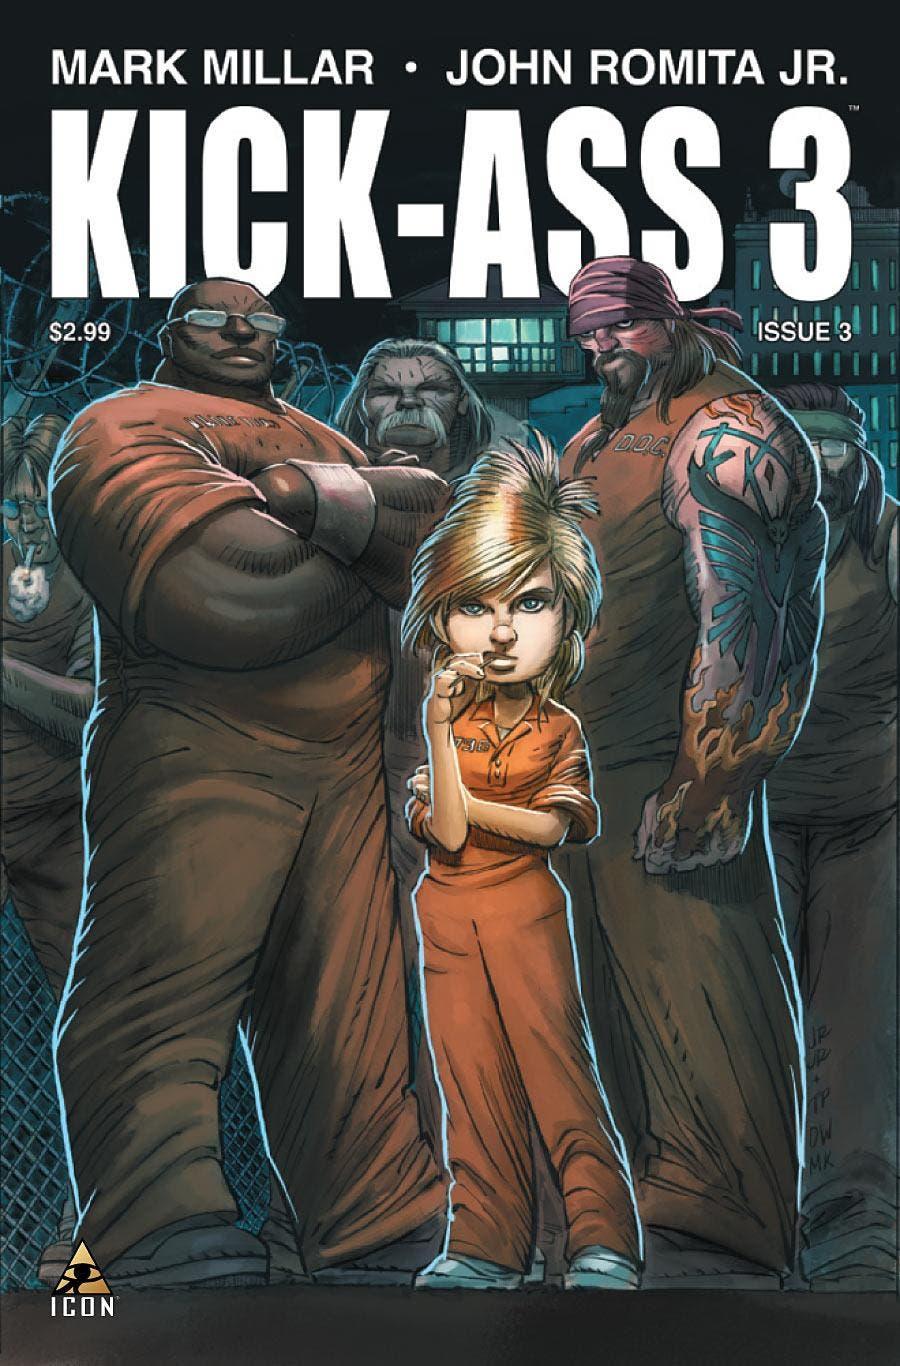 KICKASS 3 portada